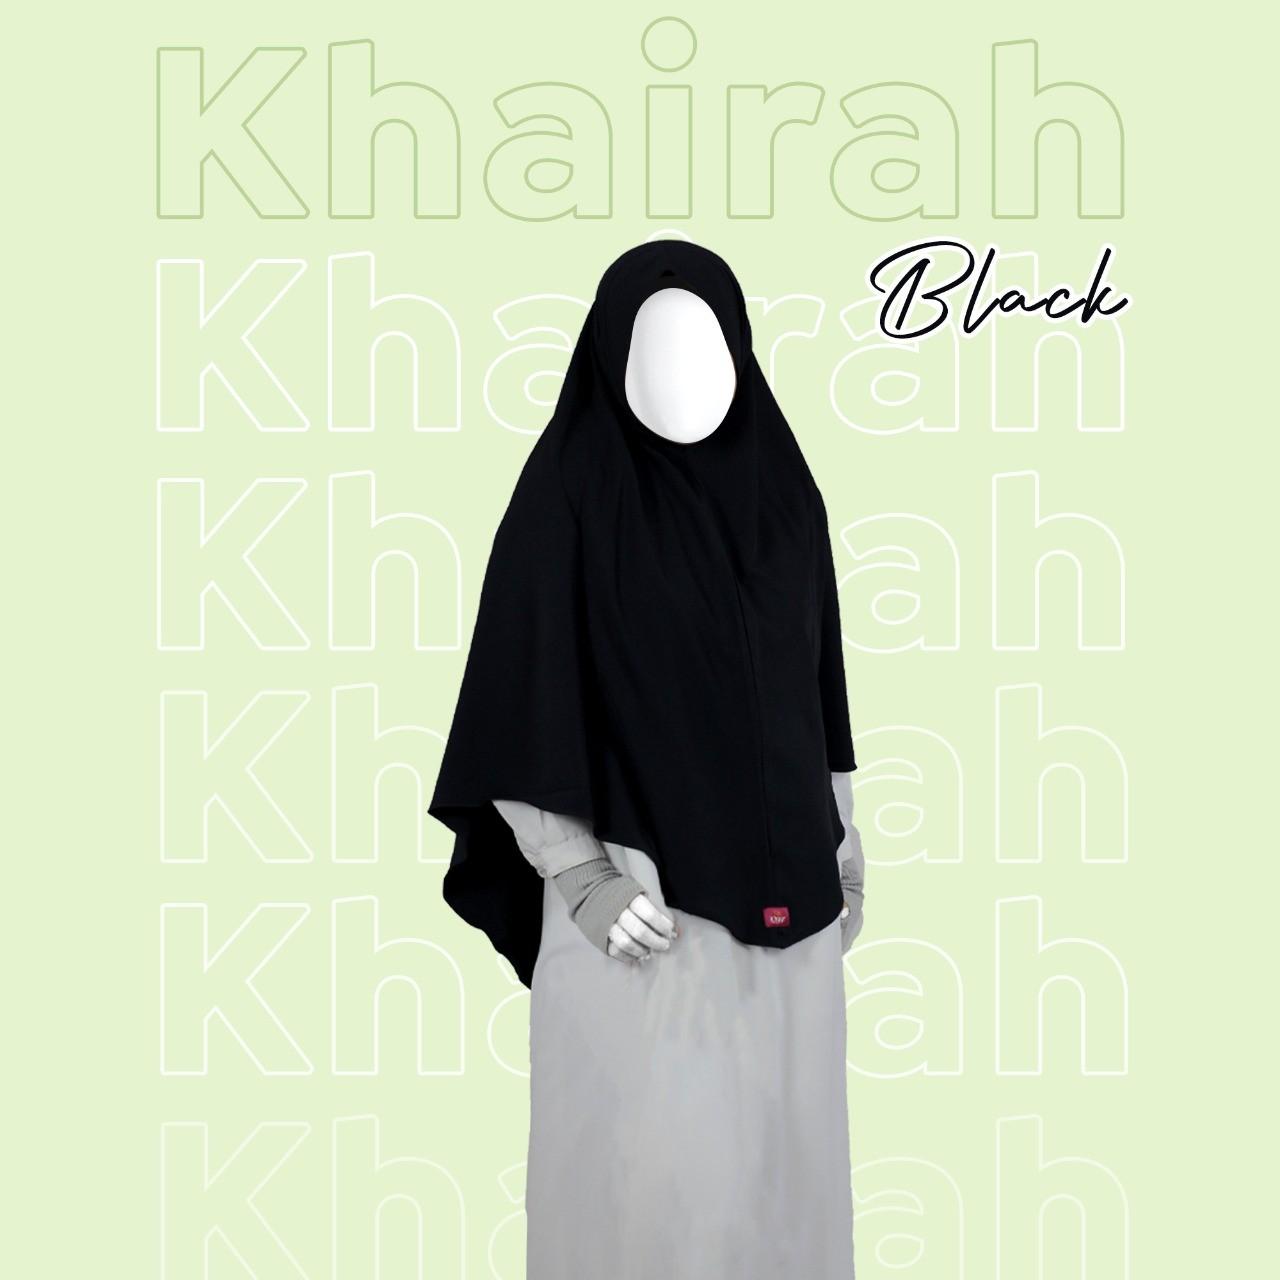 Khairah Hitam